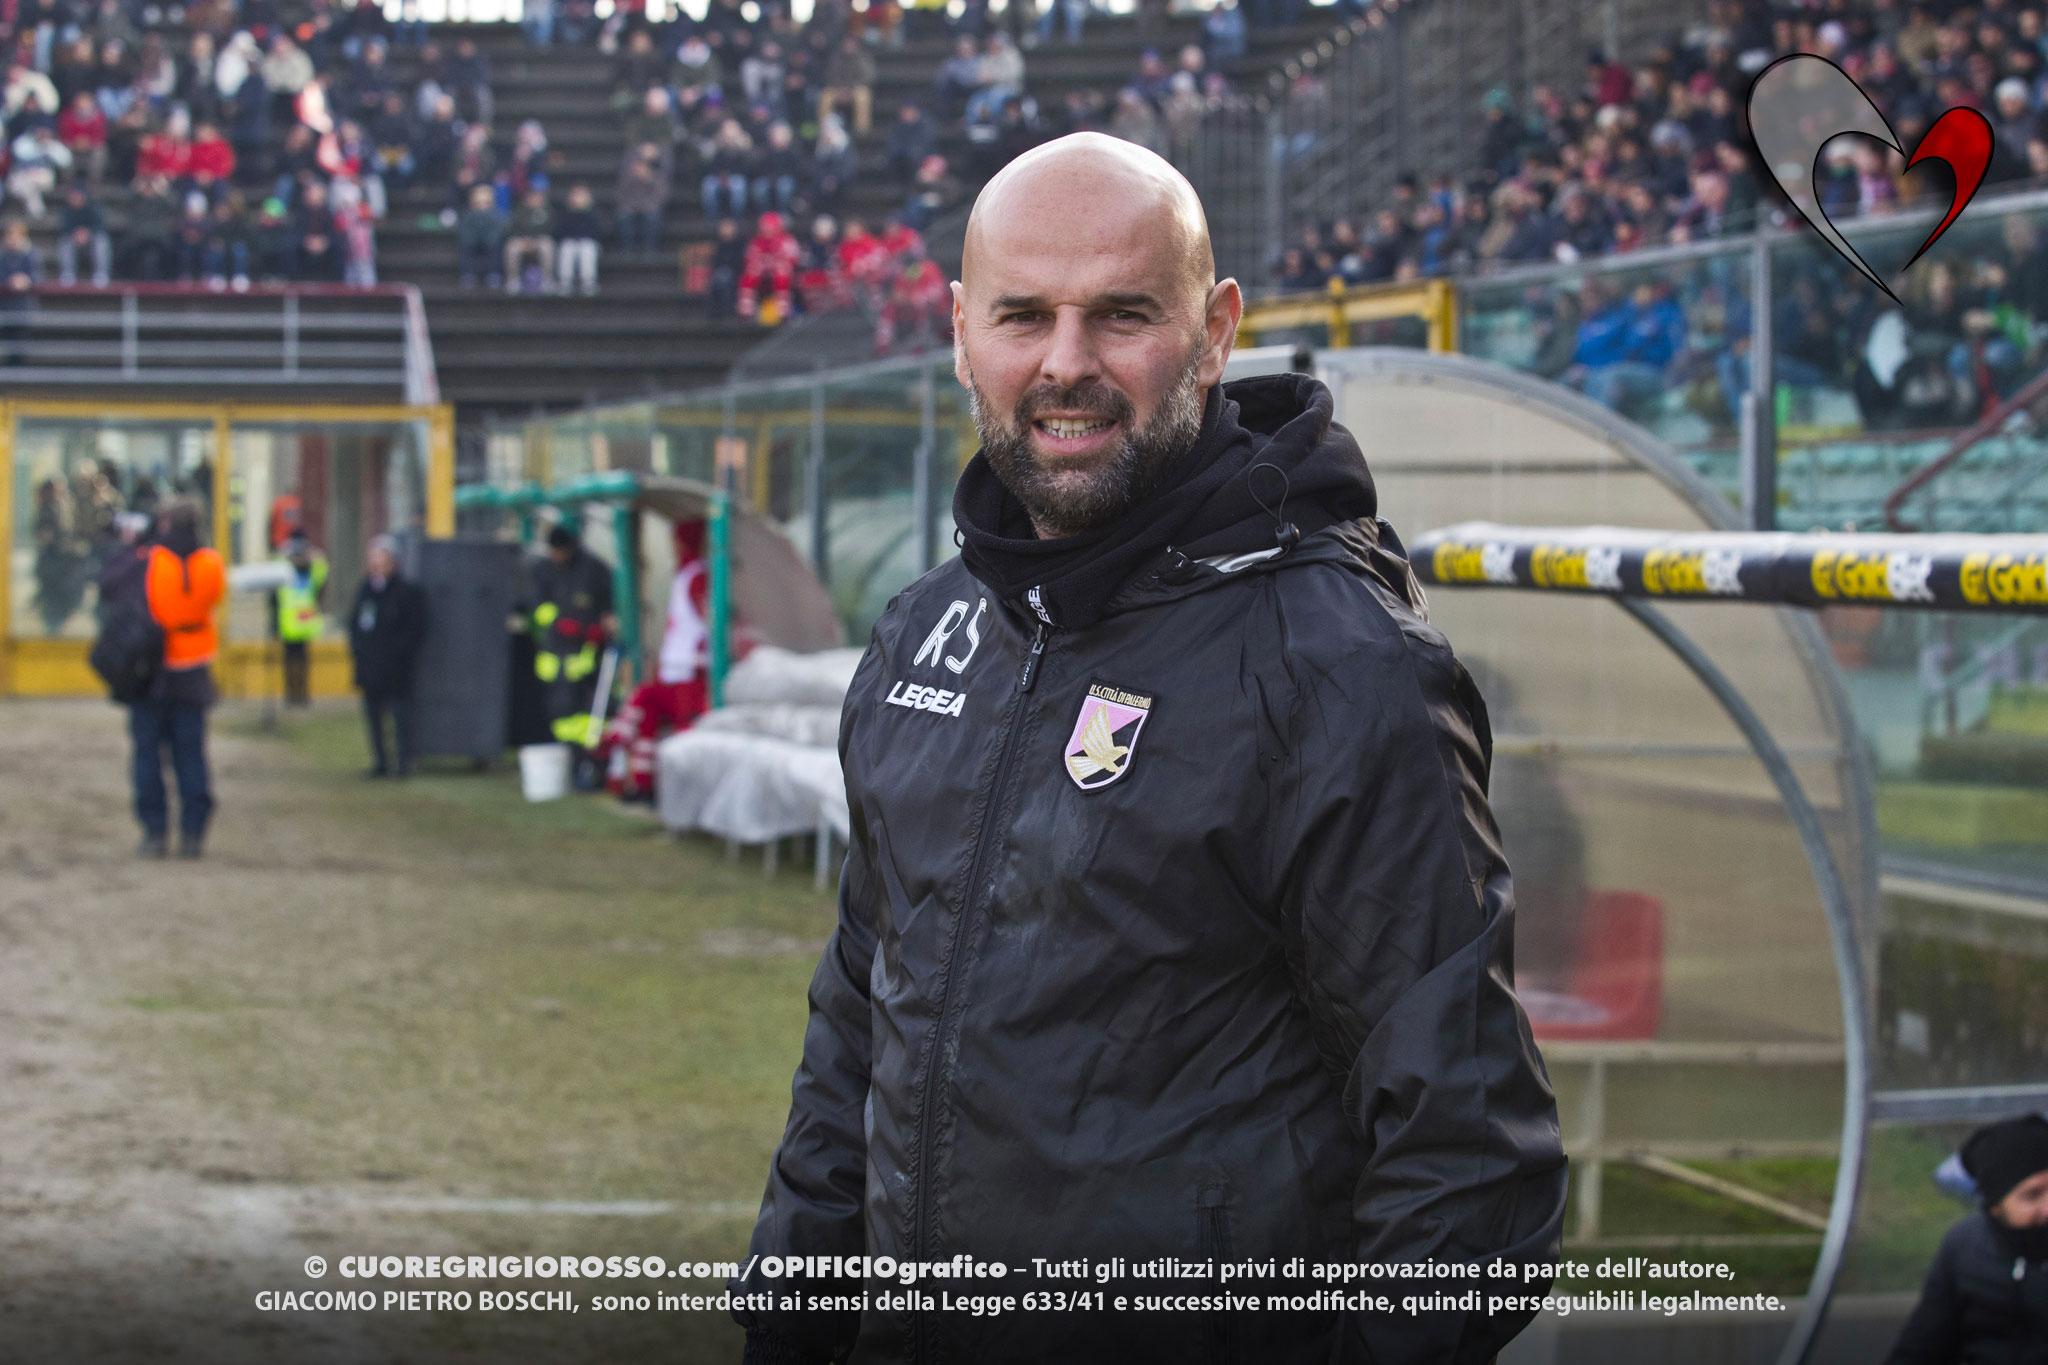 Serie B, ribaltone a Palermo: esonerato Stellone